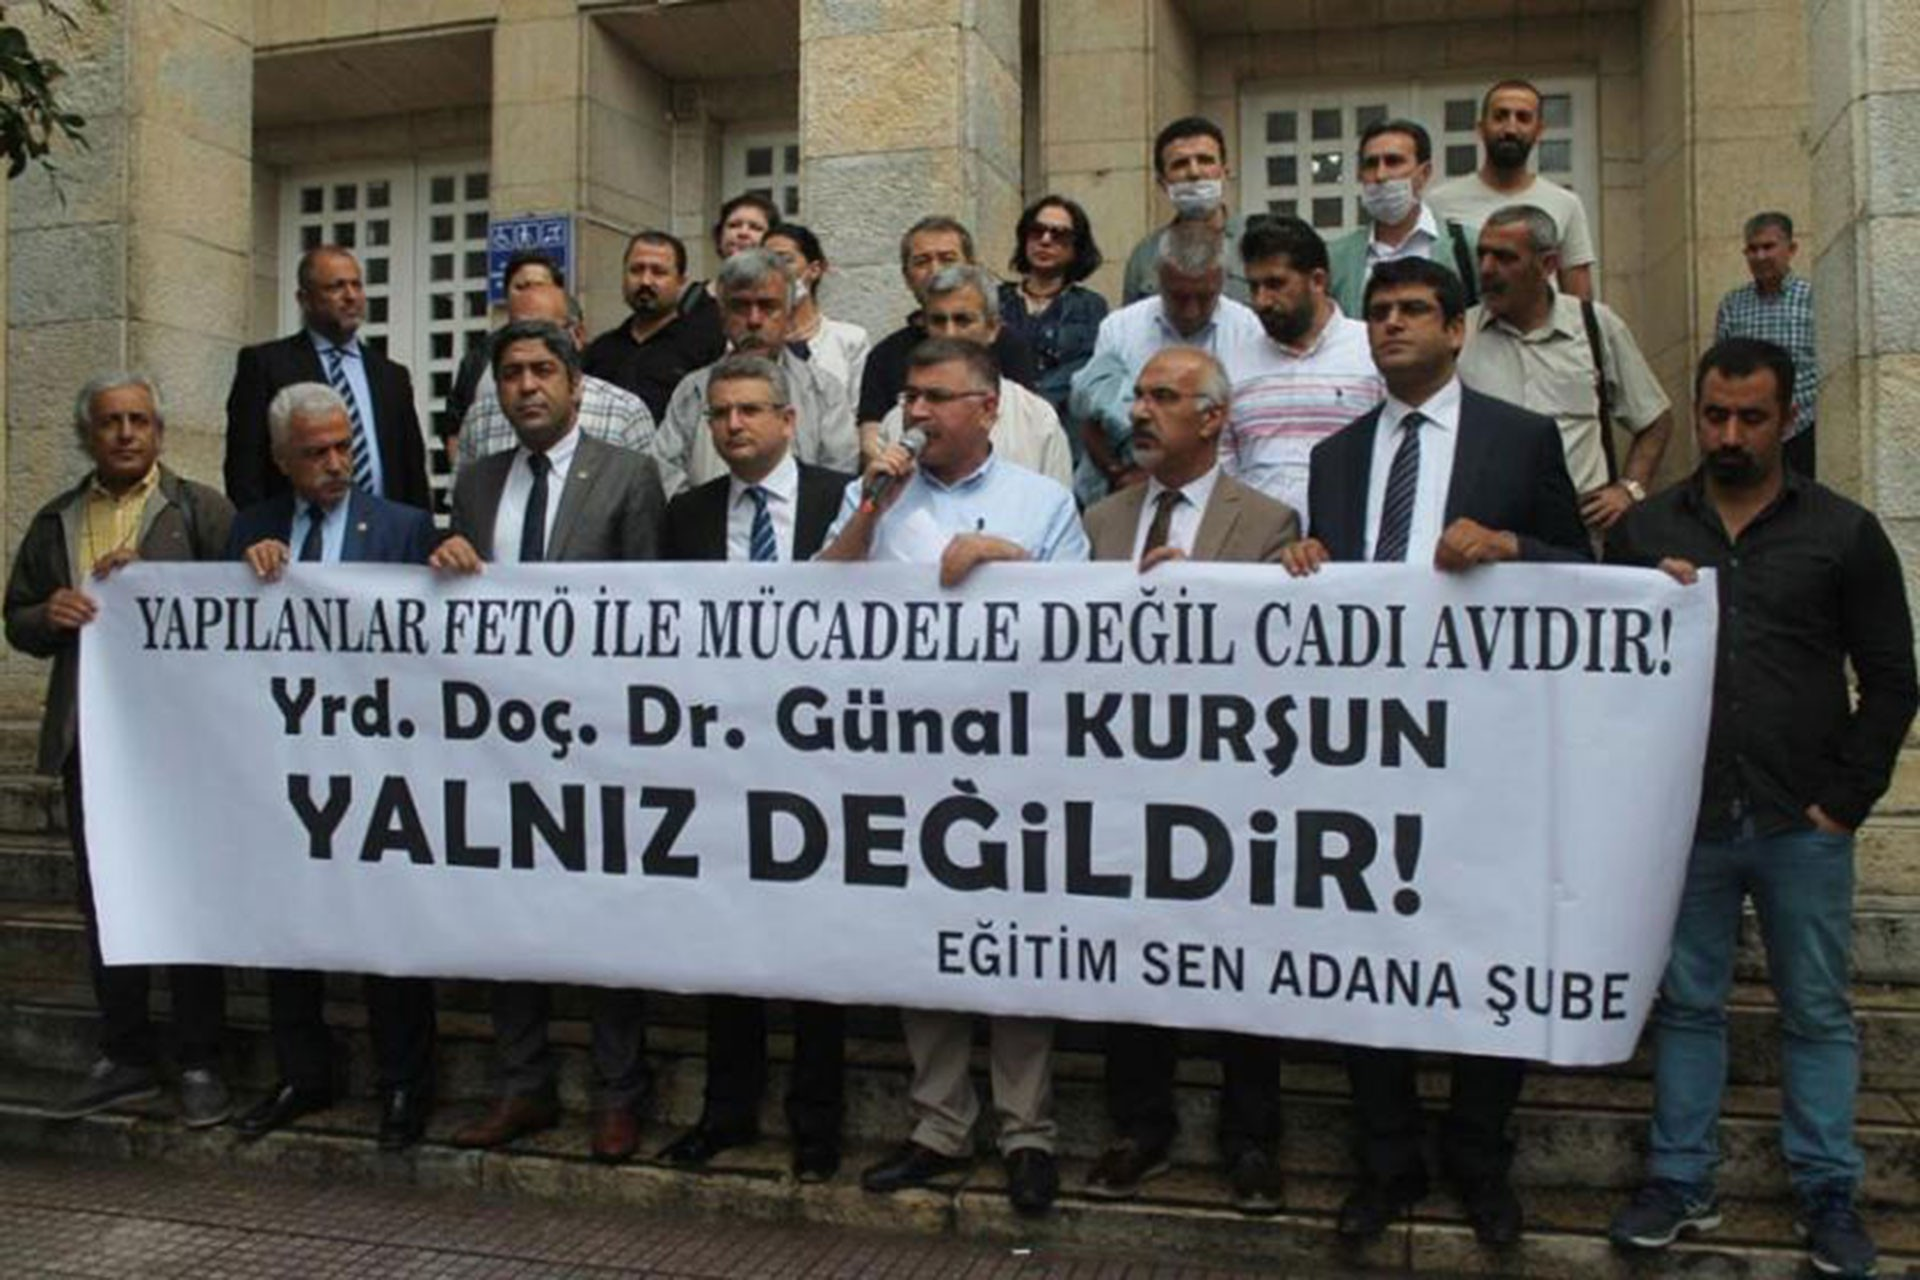 Adana'da 'Valilik yasağına aykırı davranma' davasına beraat kararı geldi